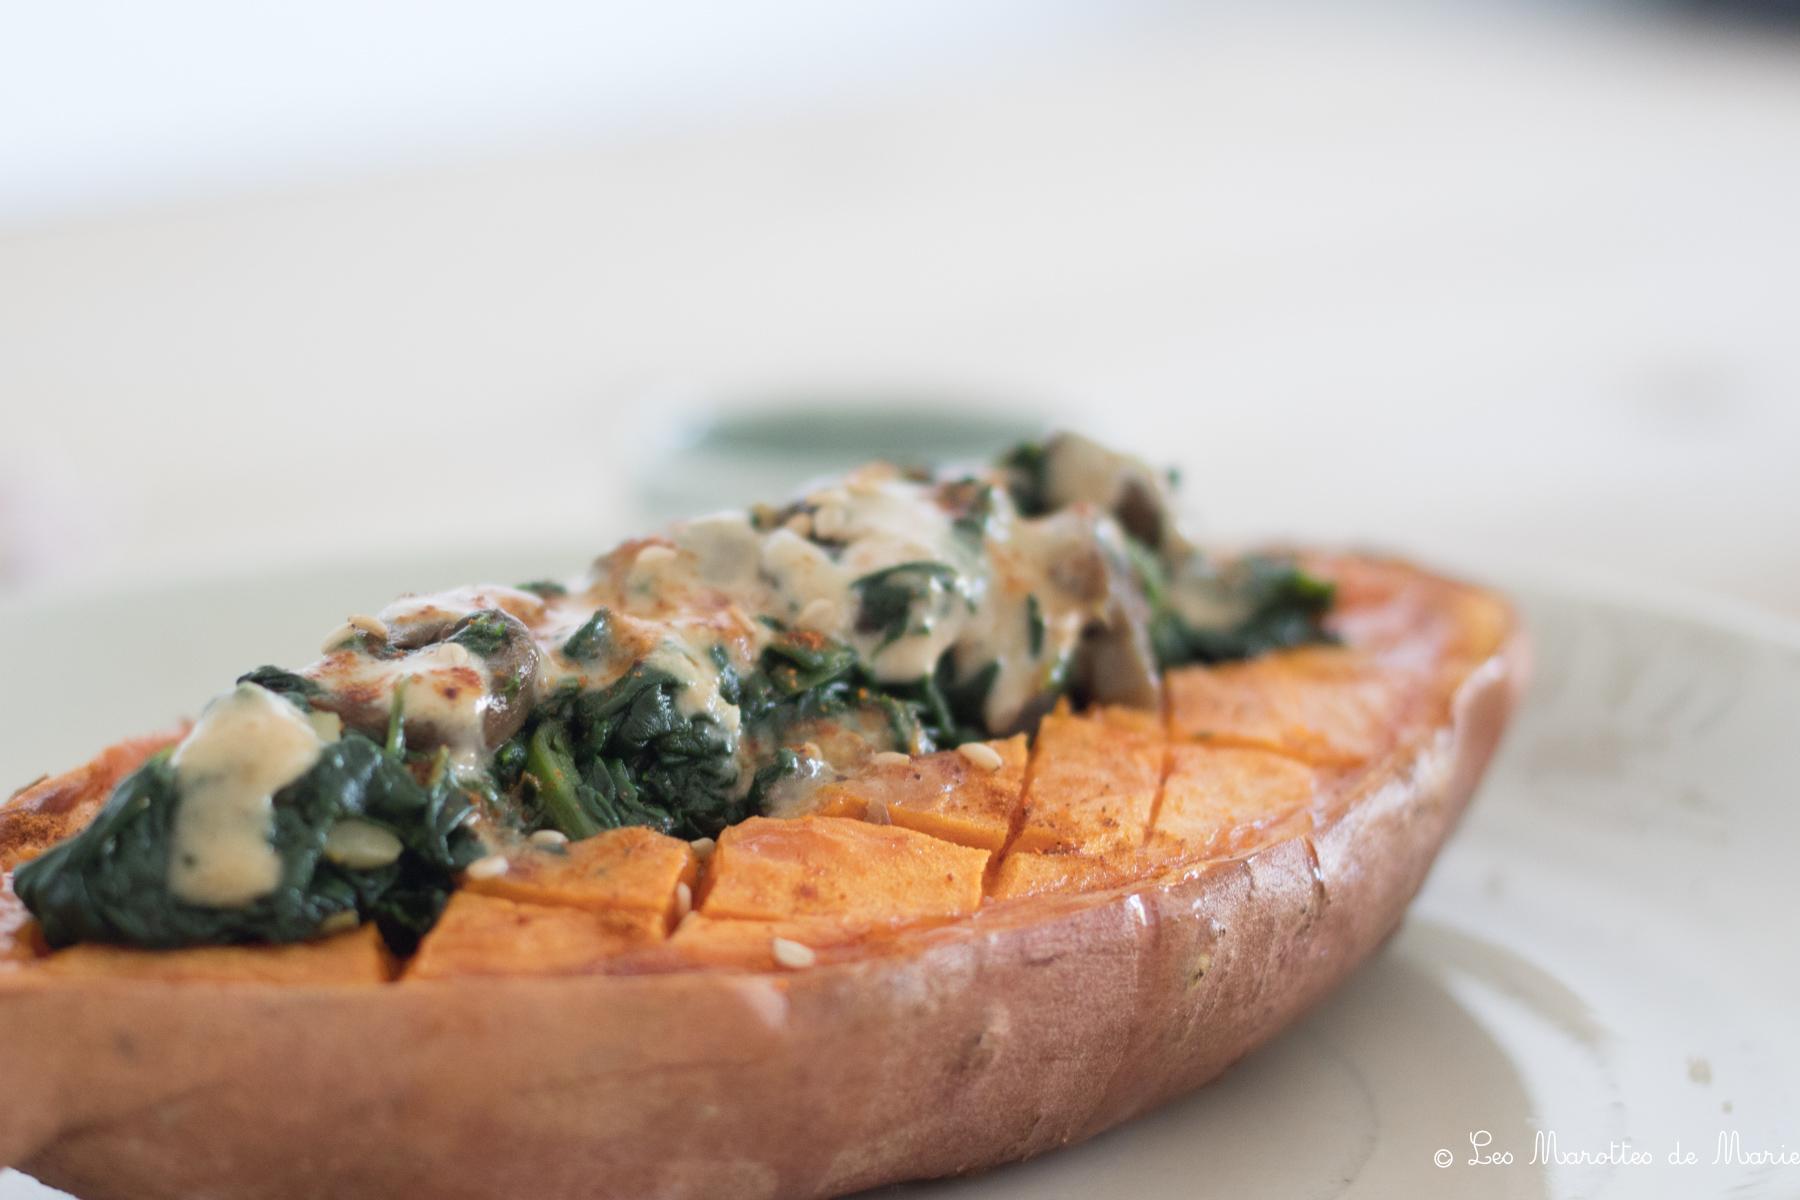 2020 04 12 patate douce farcie vegan Les marottes de marie-6